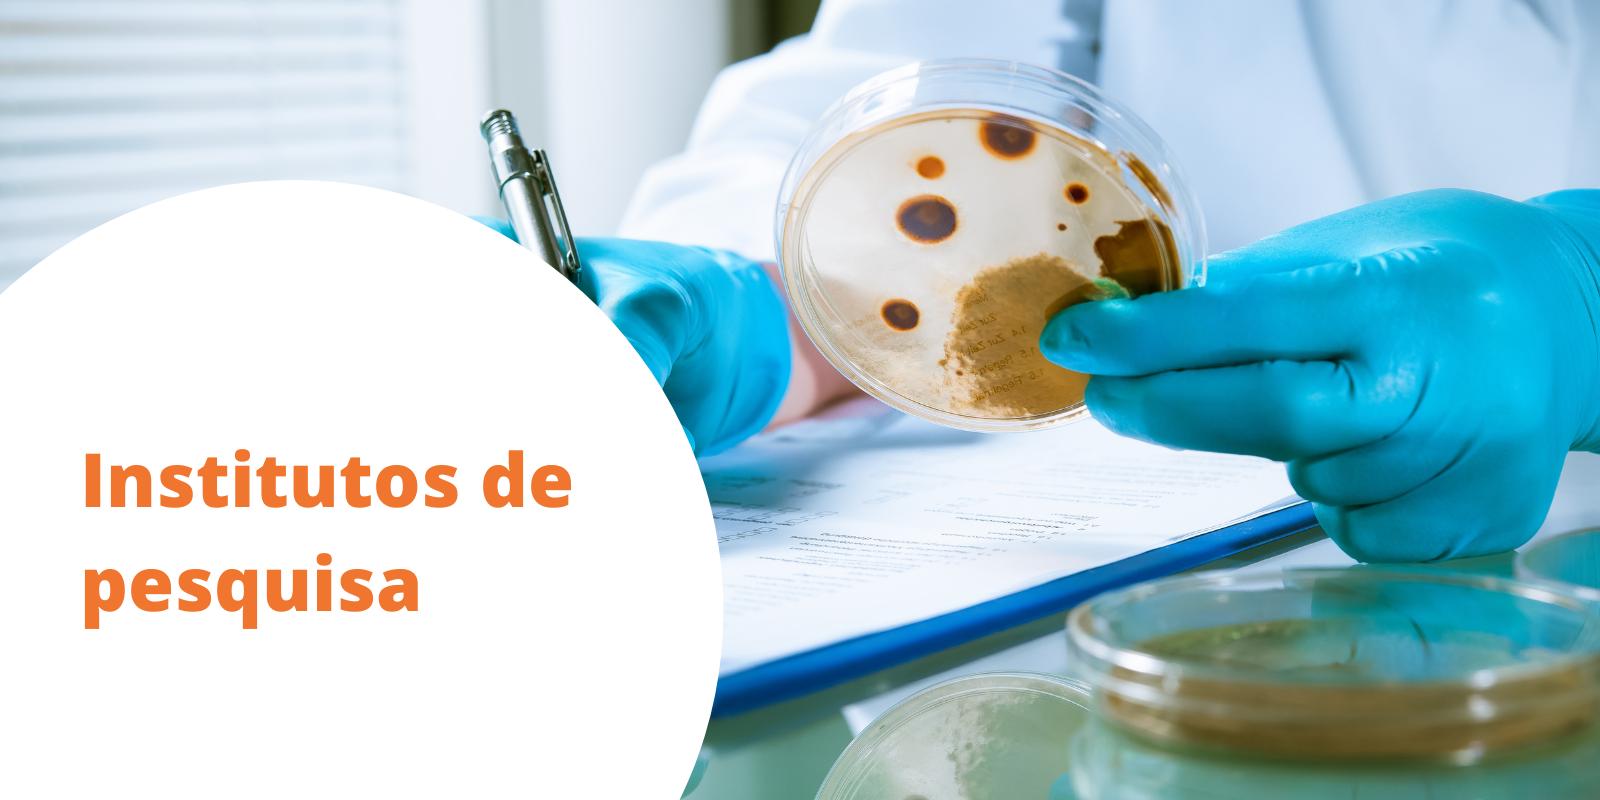 Imagem: Artigo: Como os institutos de pesquisa podem contribuir para a inovação?